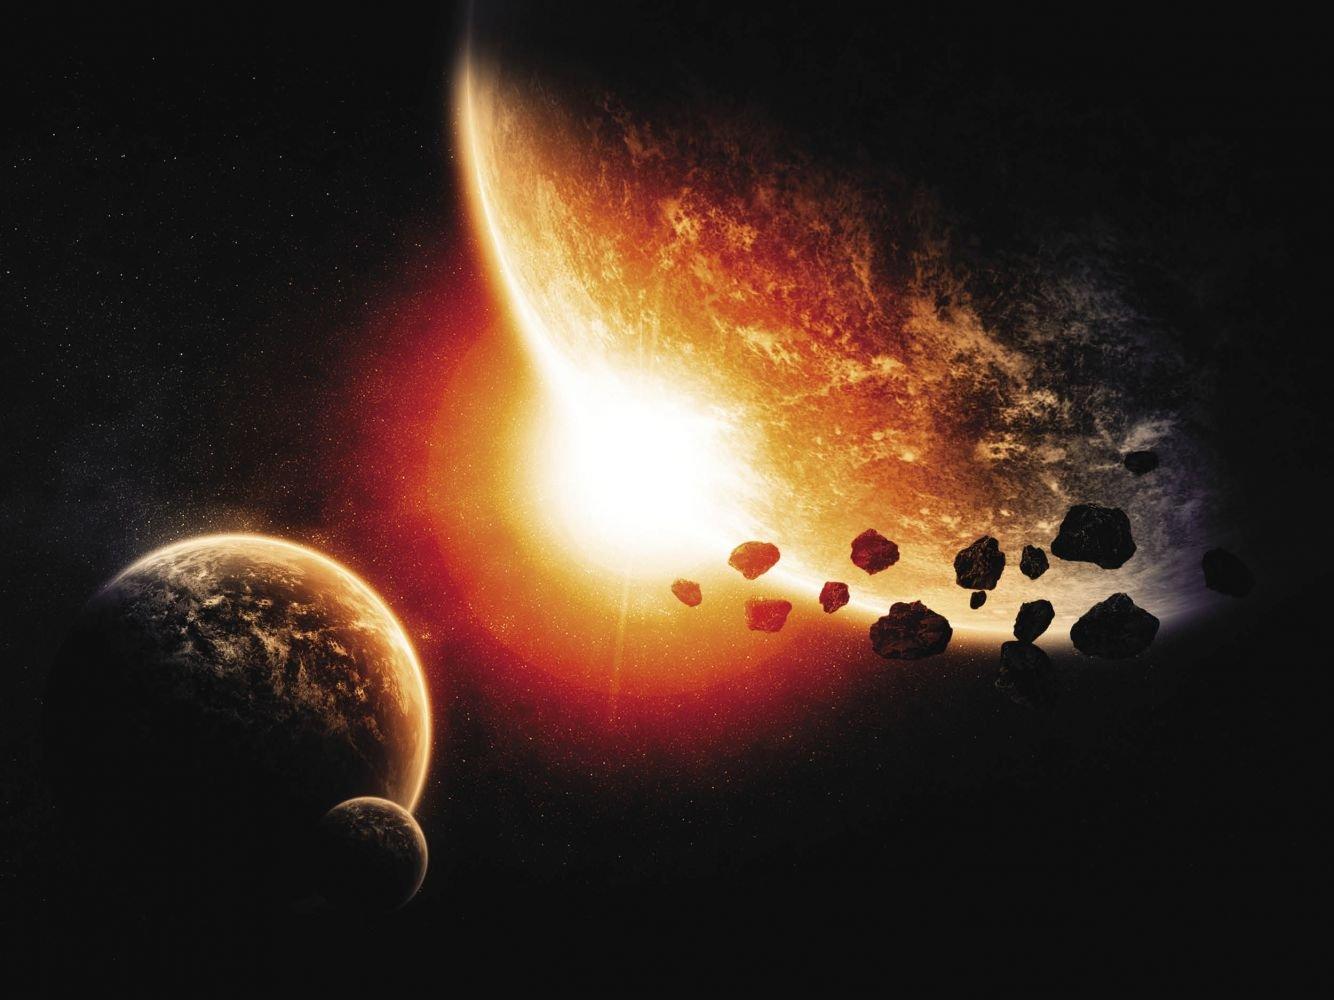 Scotland: Mission: Destroy Asteroids